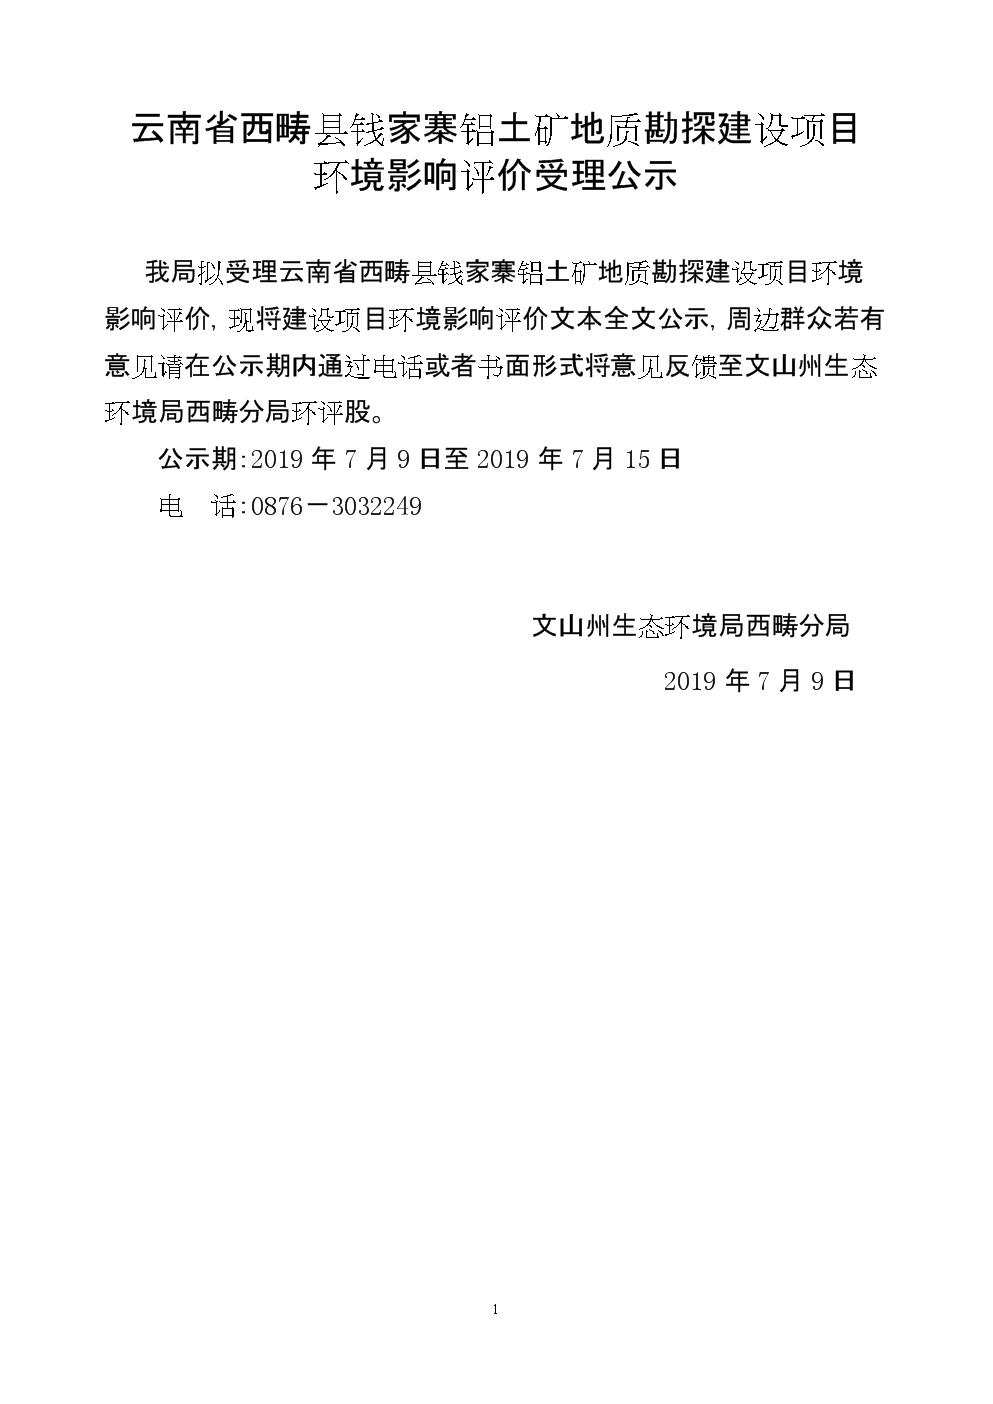 云南省西疇縣錢家寨鋁土礦地質勘探建設項目.doc